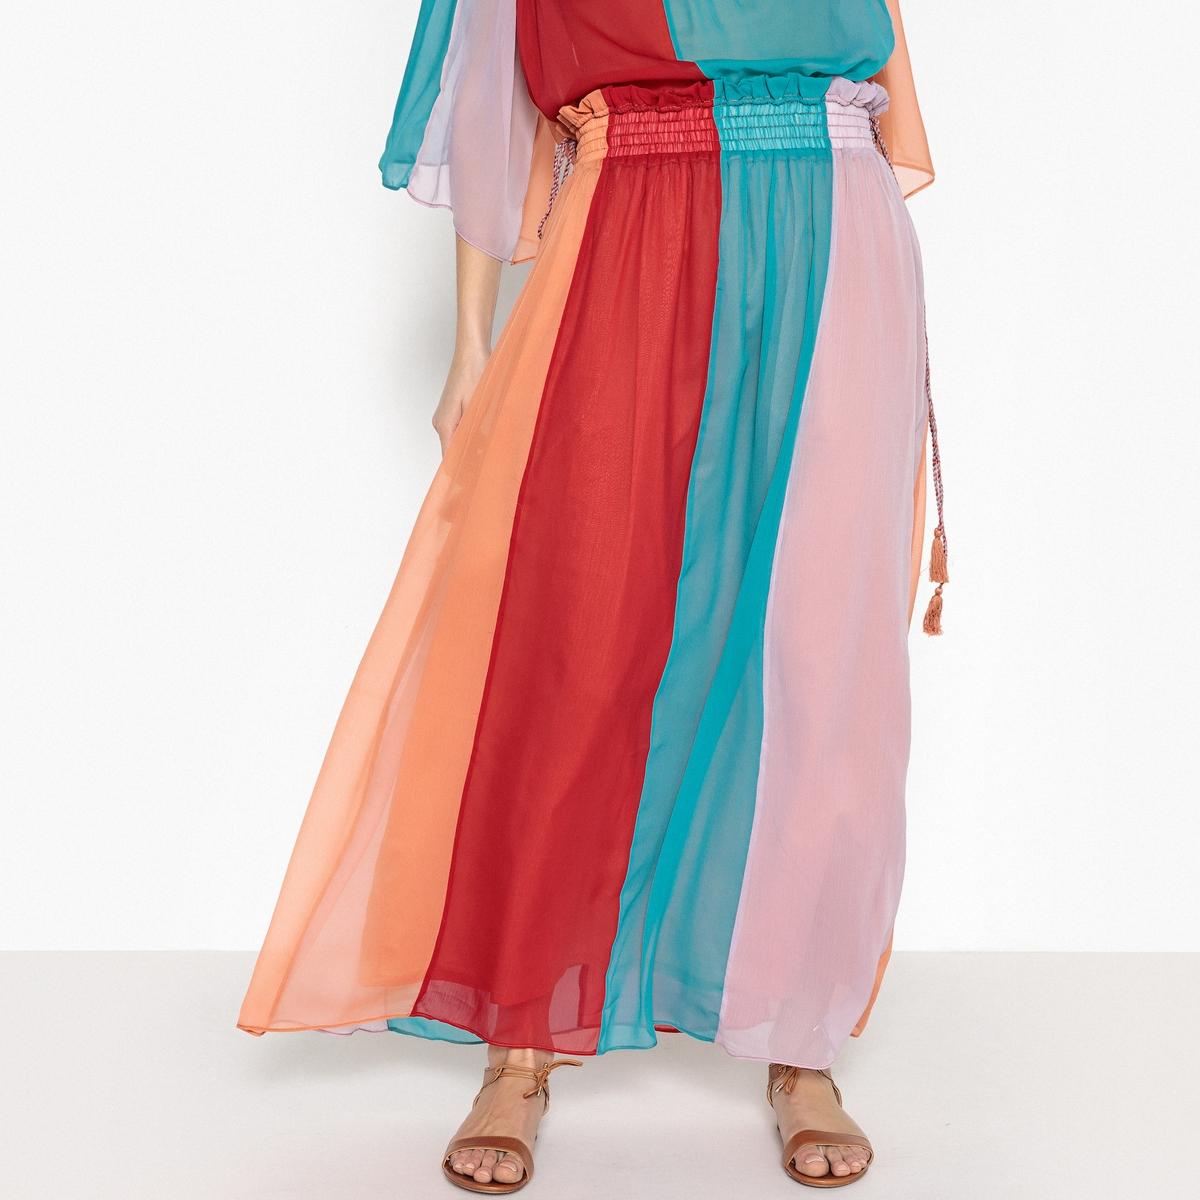 Юбка длинная в полоску из разноцветной вуали ANAIS